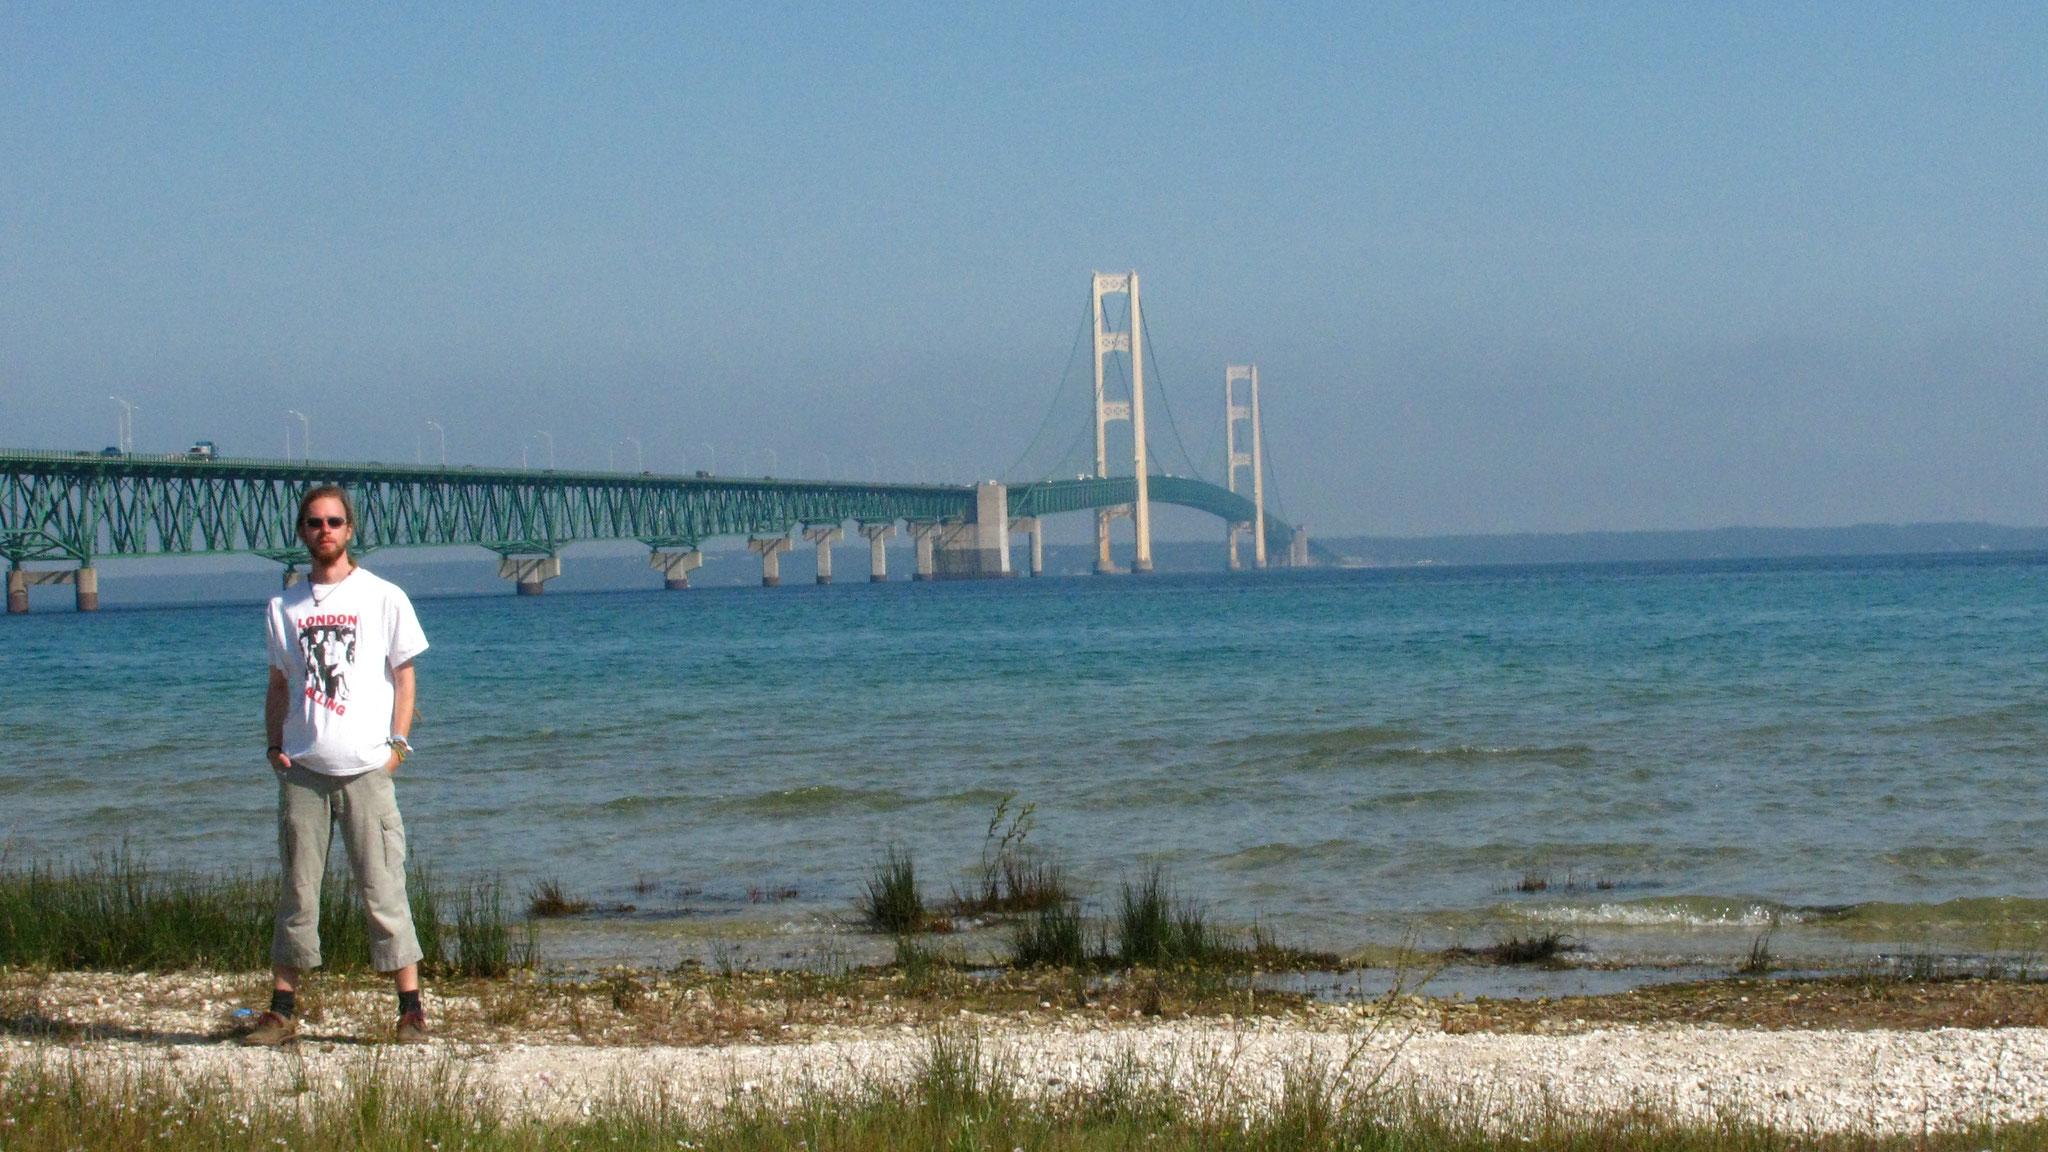 Die Mackinac Bridge über den Wasserweg zwischen Lake Michigan und Lake Huron